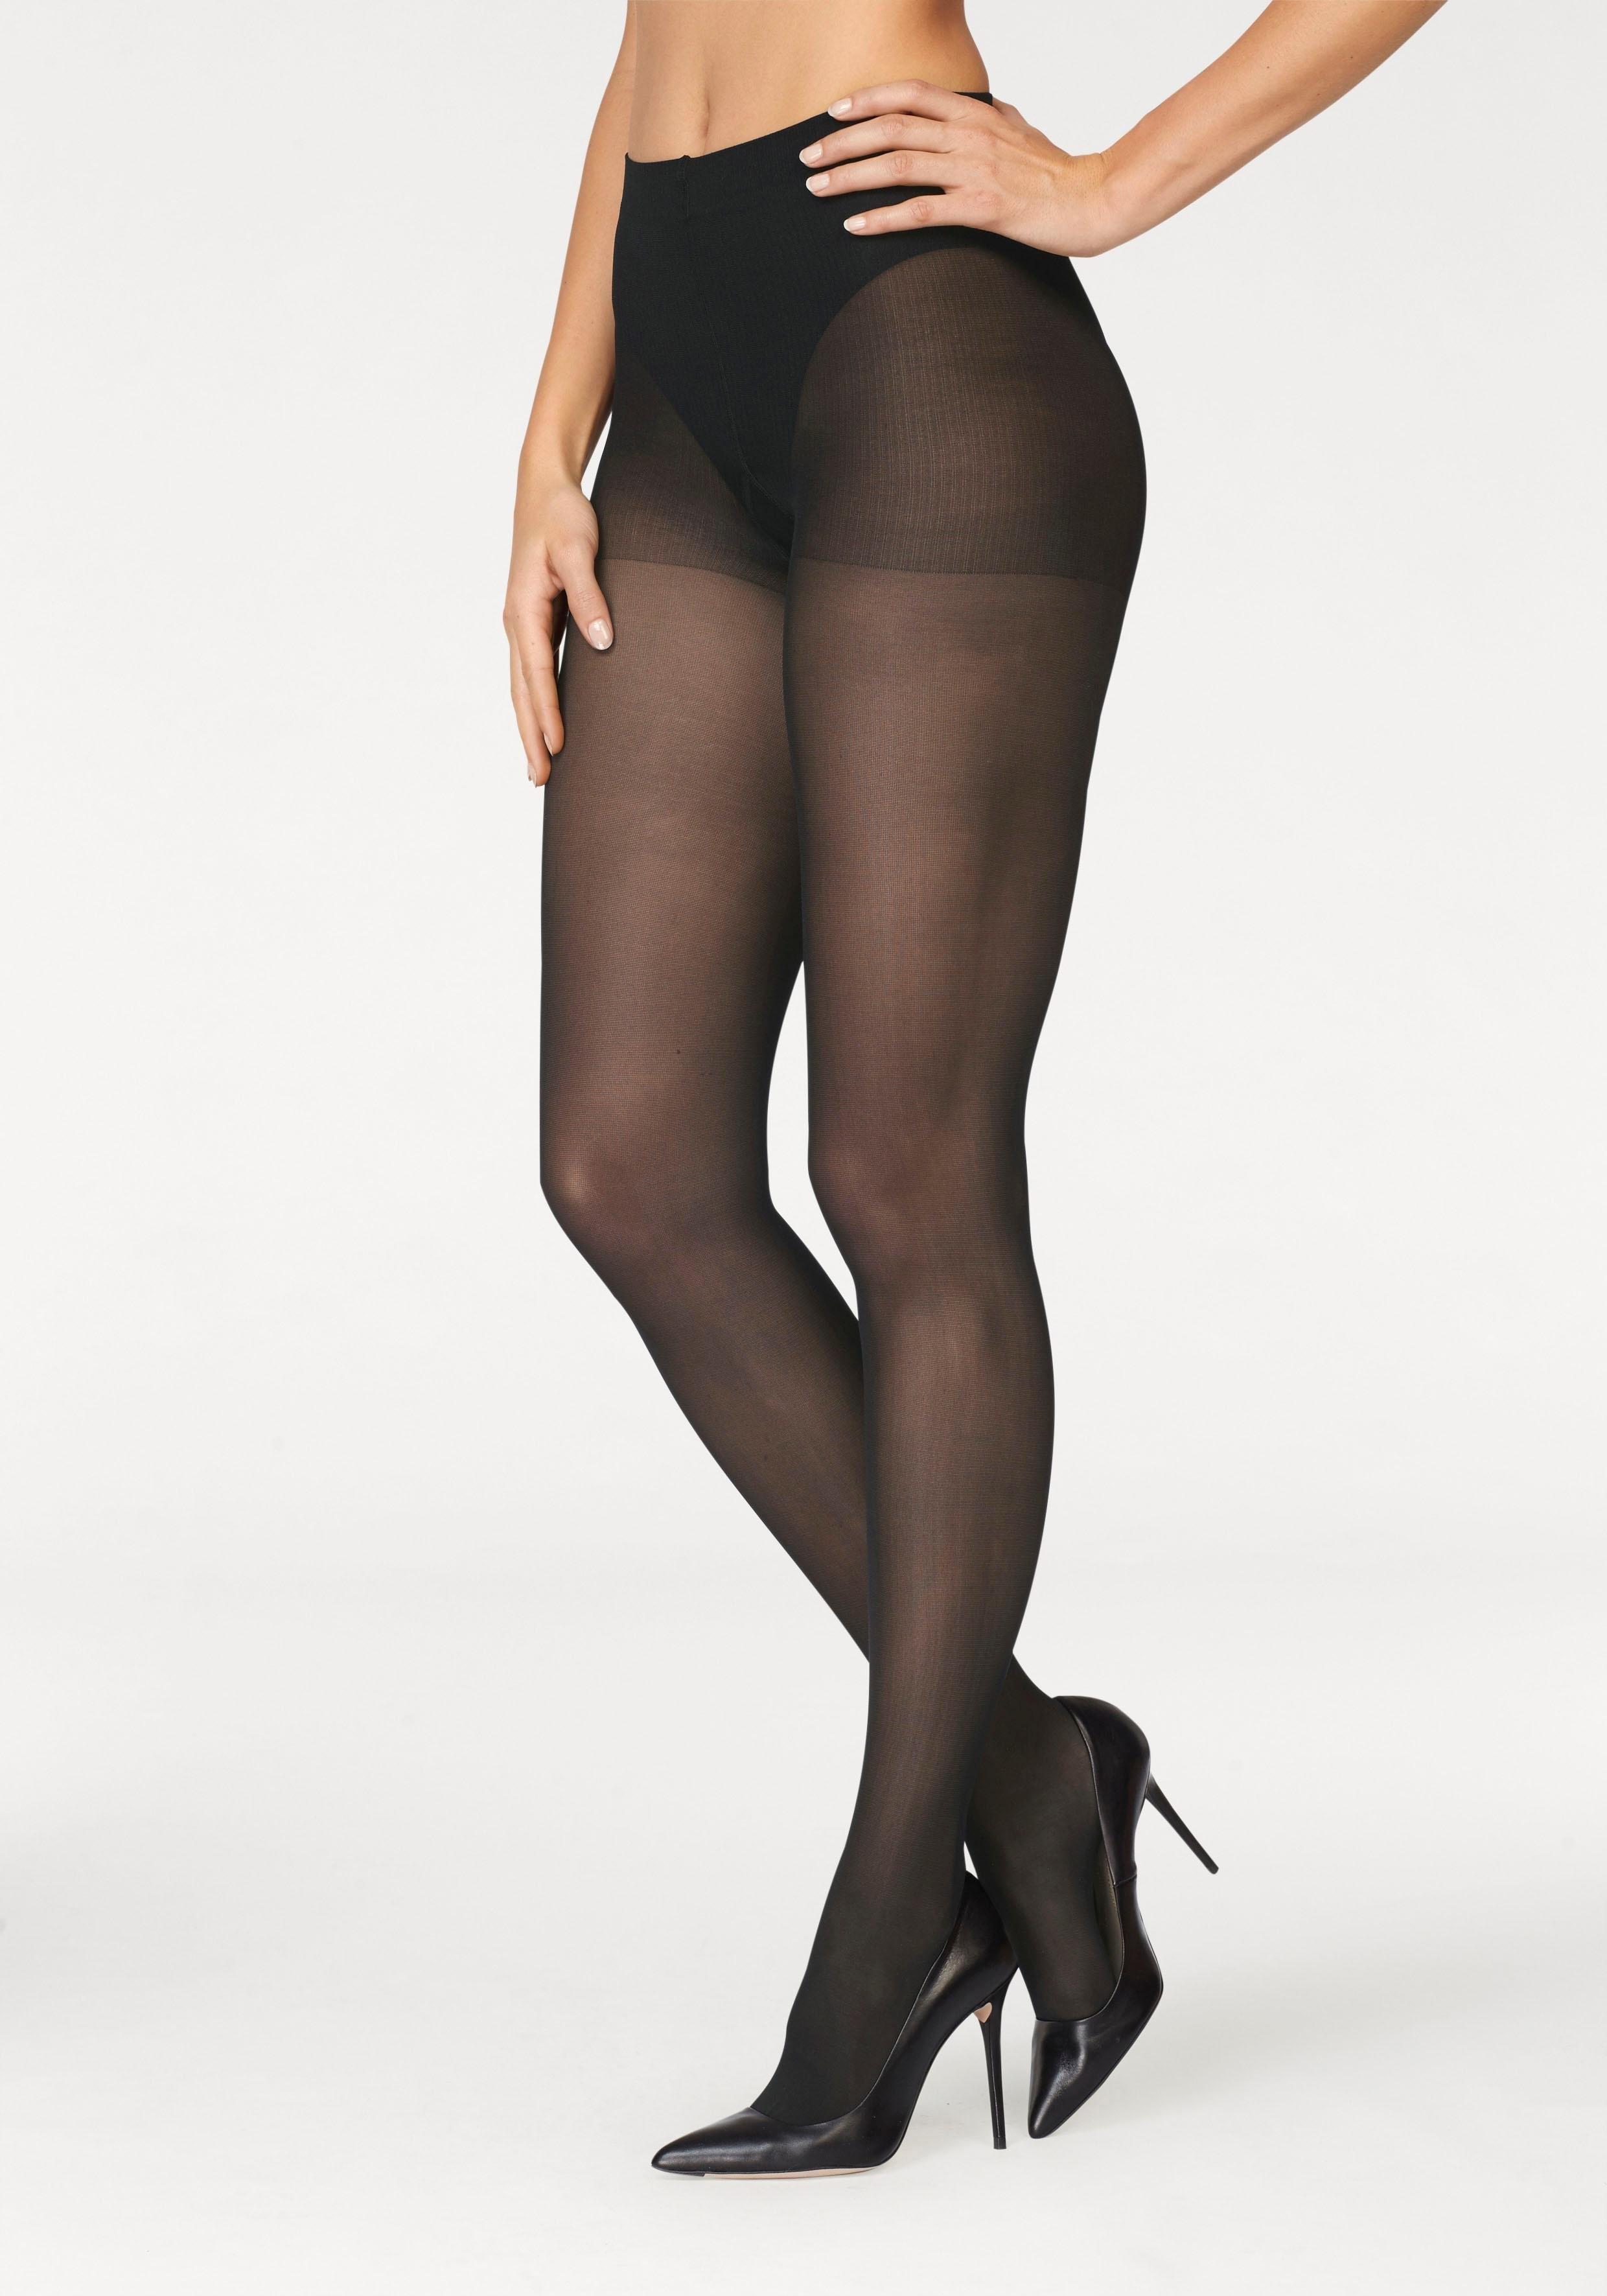 Glamory steunpanty, extra wijd broekje en bij bovenbeen in de webshop van Lascana kopen